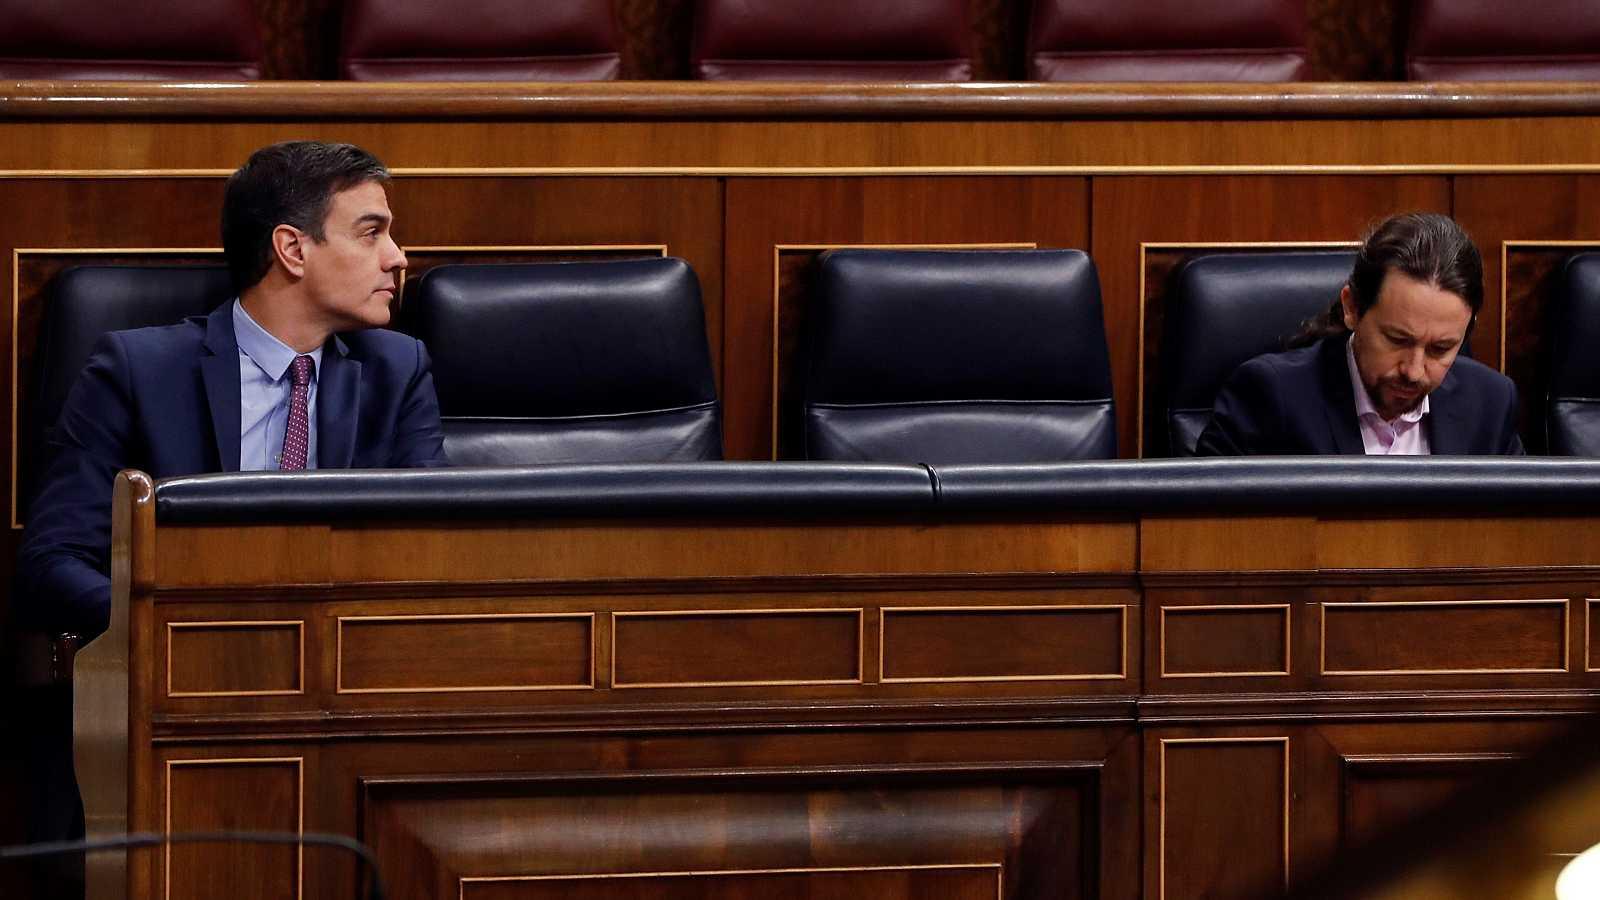 Barómetro CIS abril 2020: Pedro Sánchez y Pablo Iglesias, durante la primera sesión de control al Gobienro desde que se declaró el estado de alarma por el coronavirus.